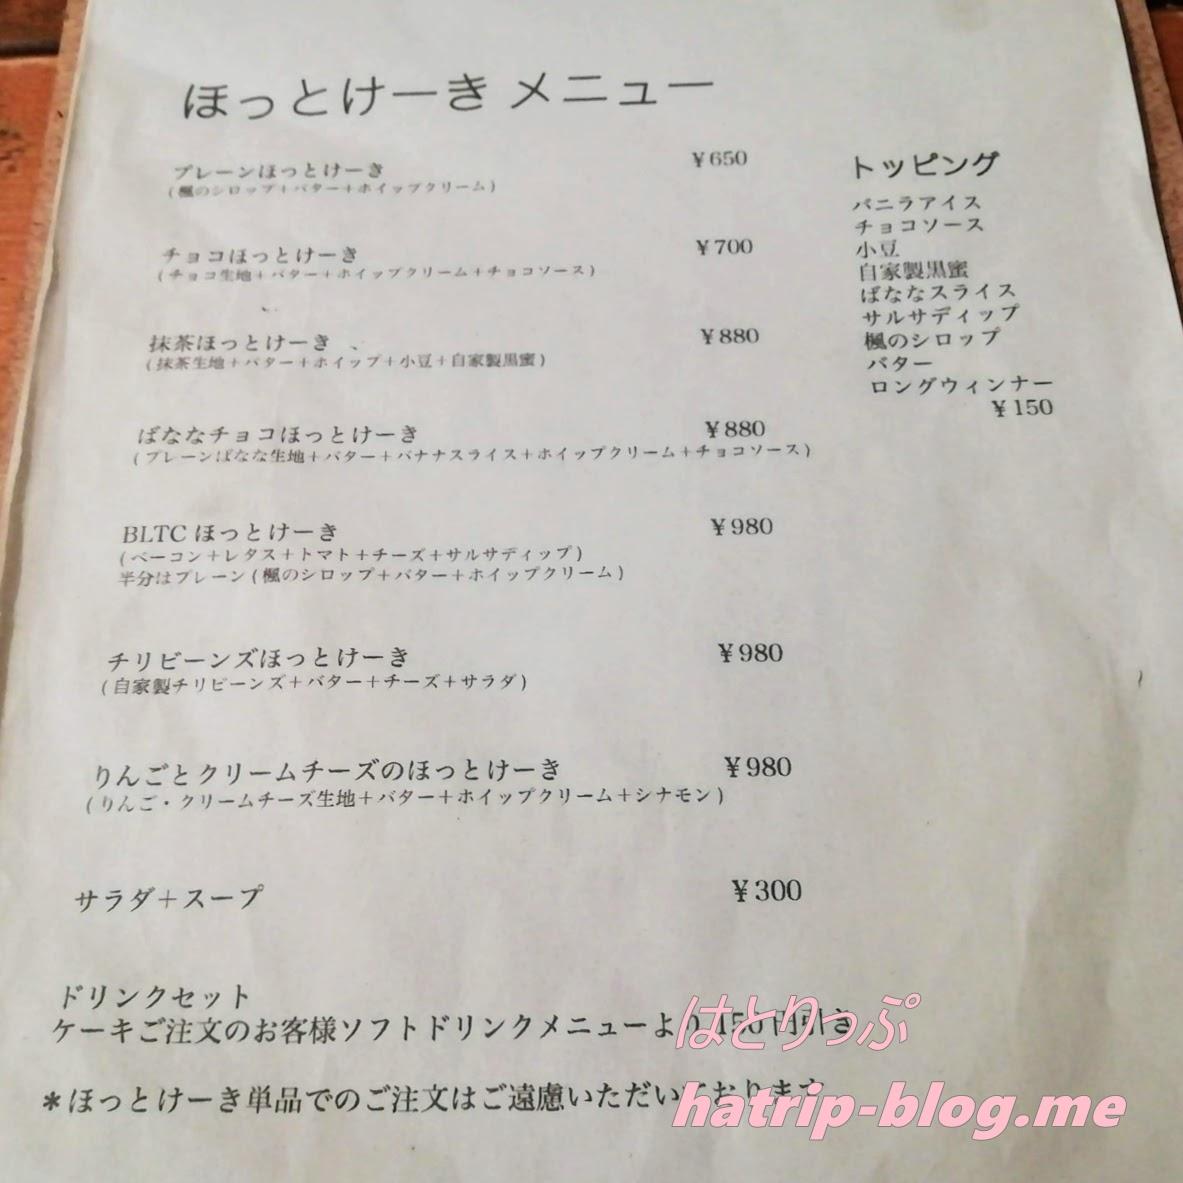 埼玉県草加市 カフェギャラリー コンバーション メニュー